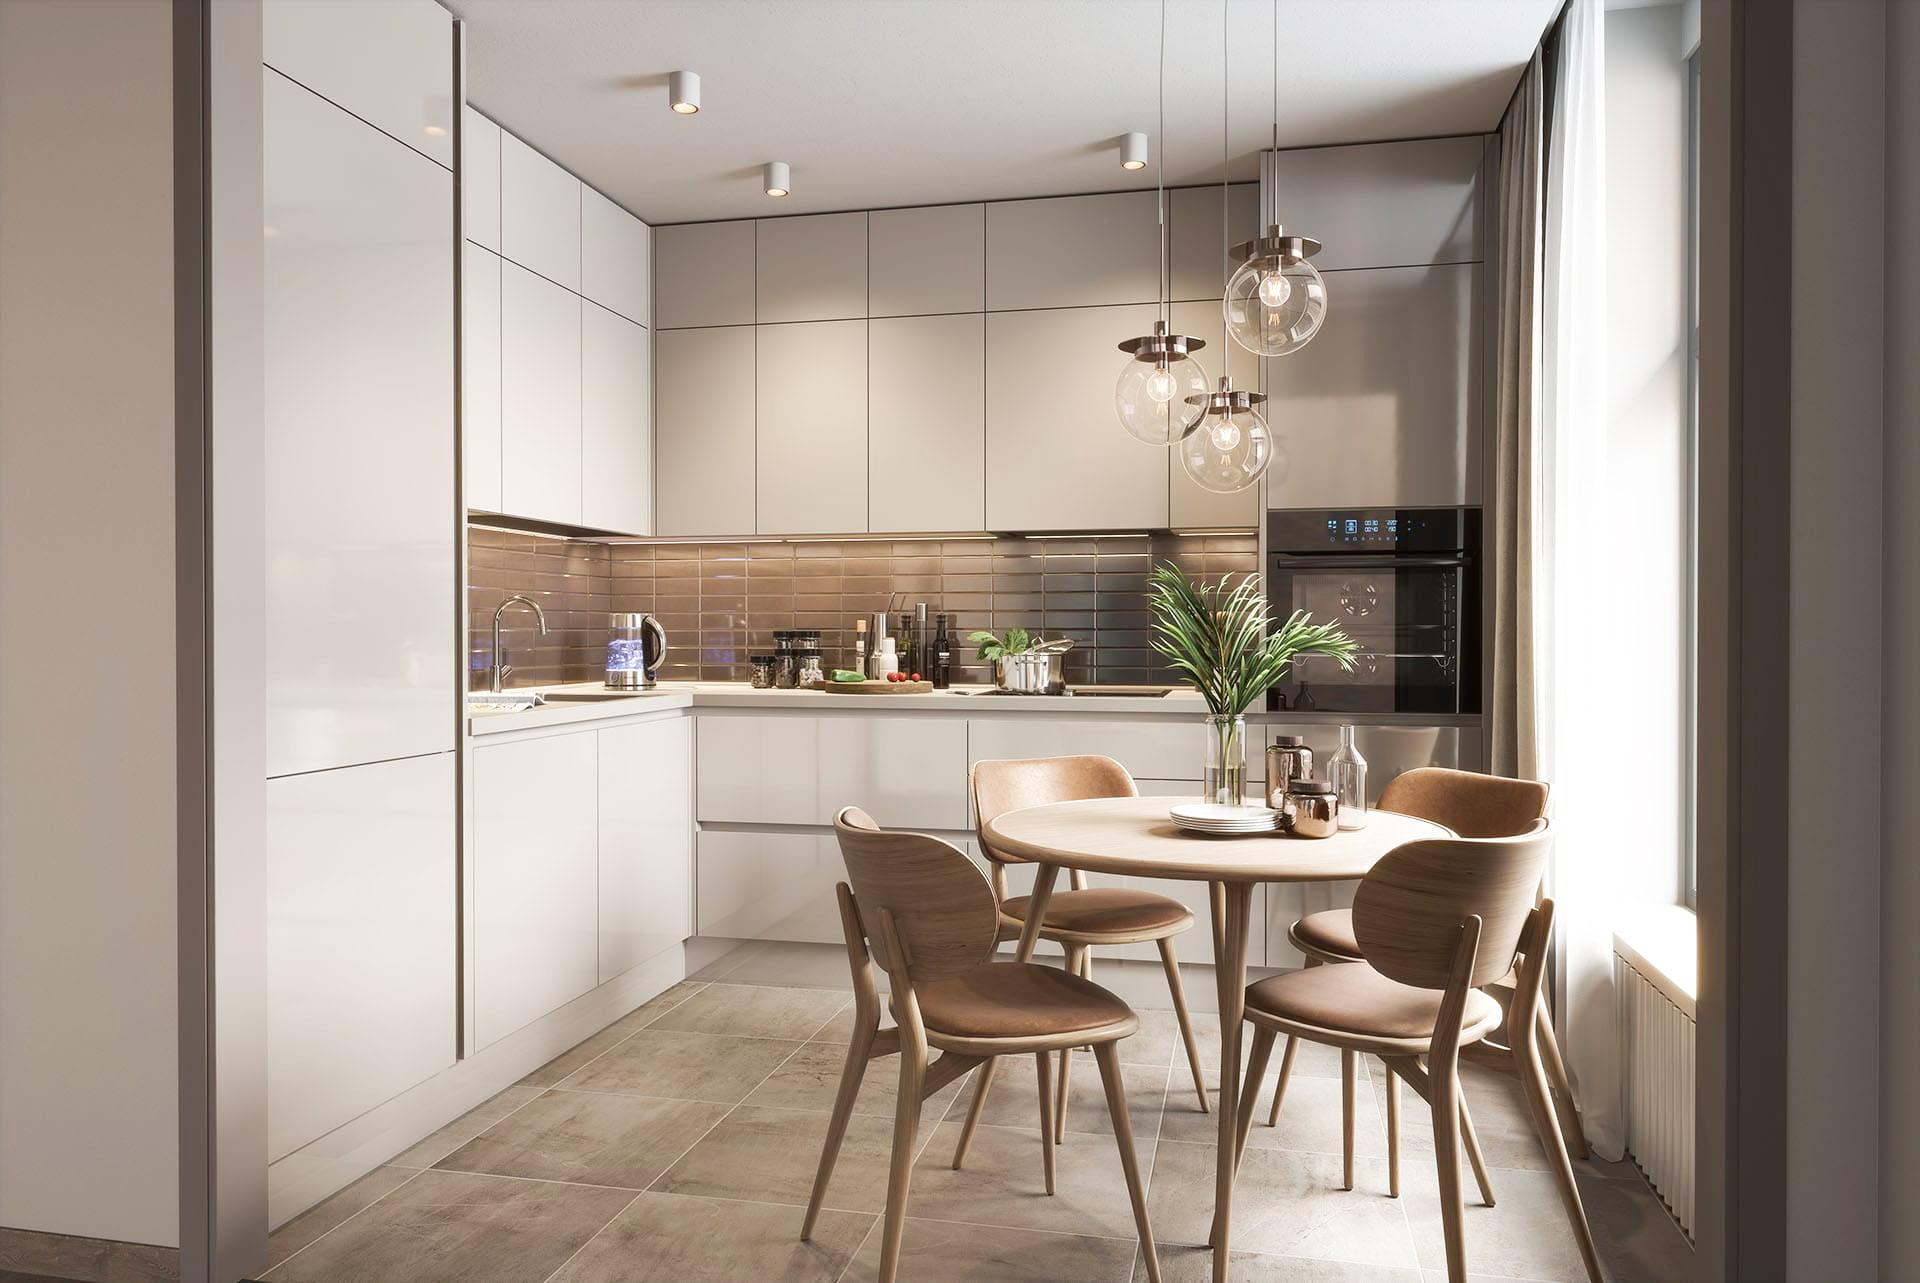 küchen l form einbauküche winkelküche küche creme